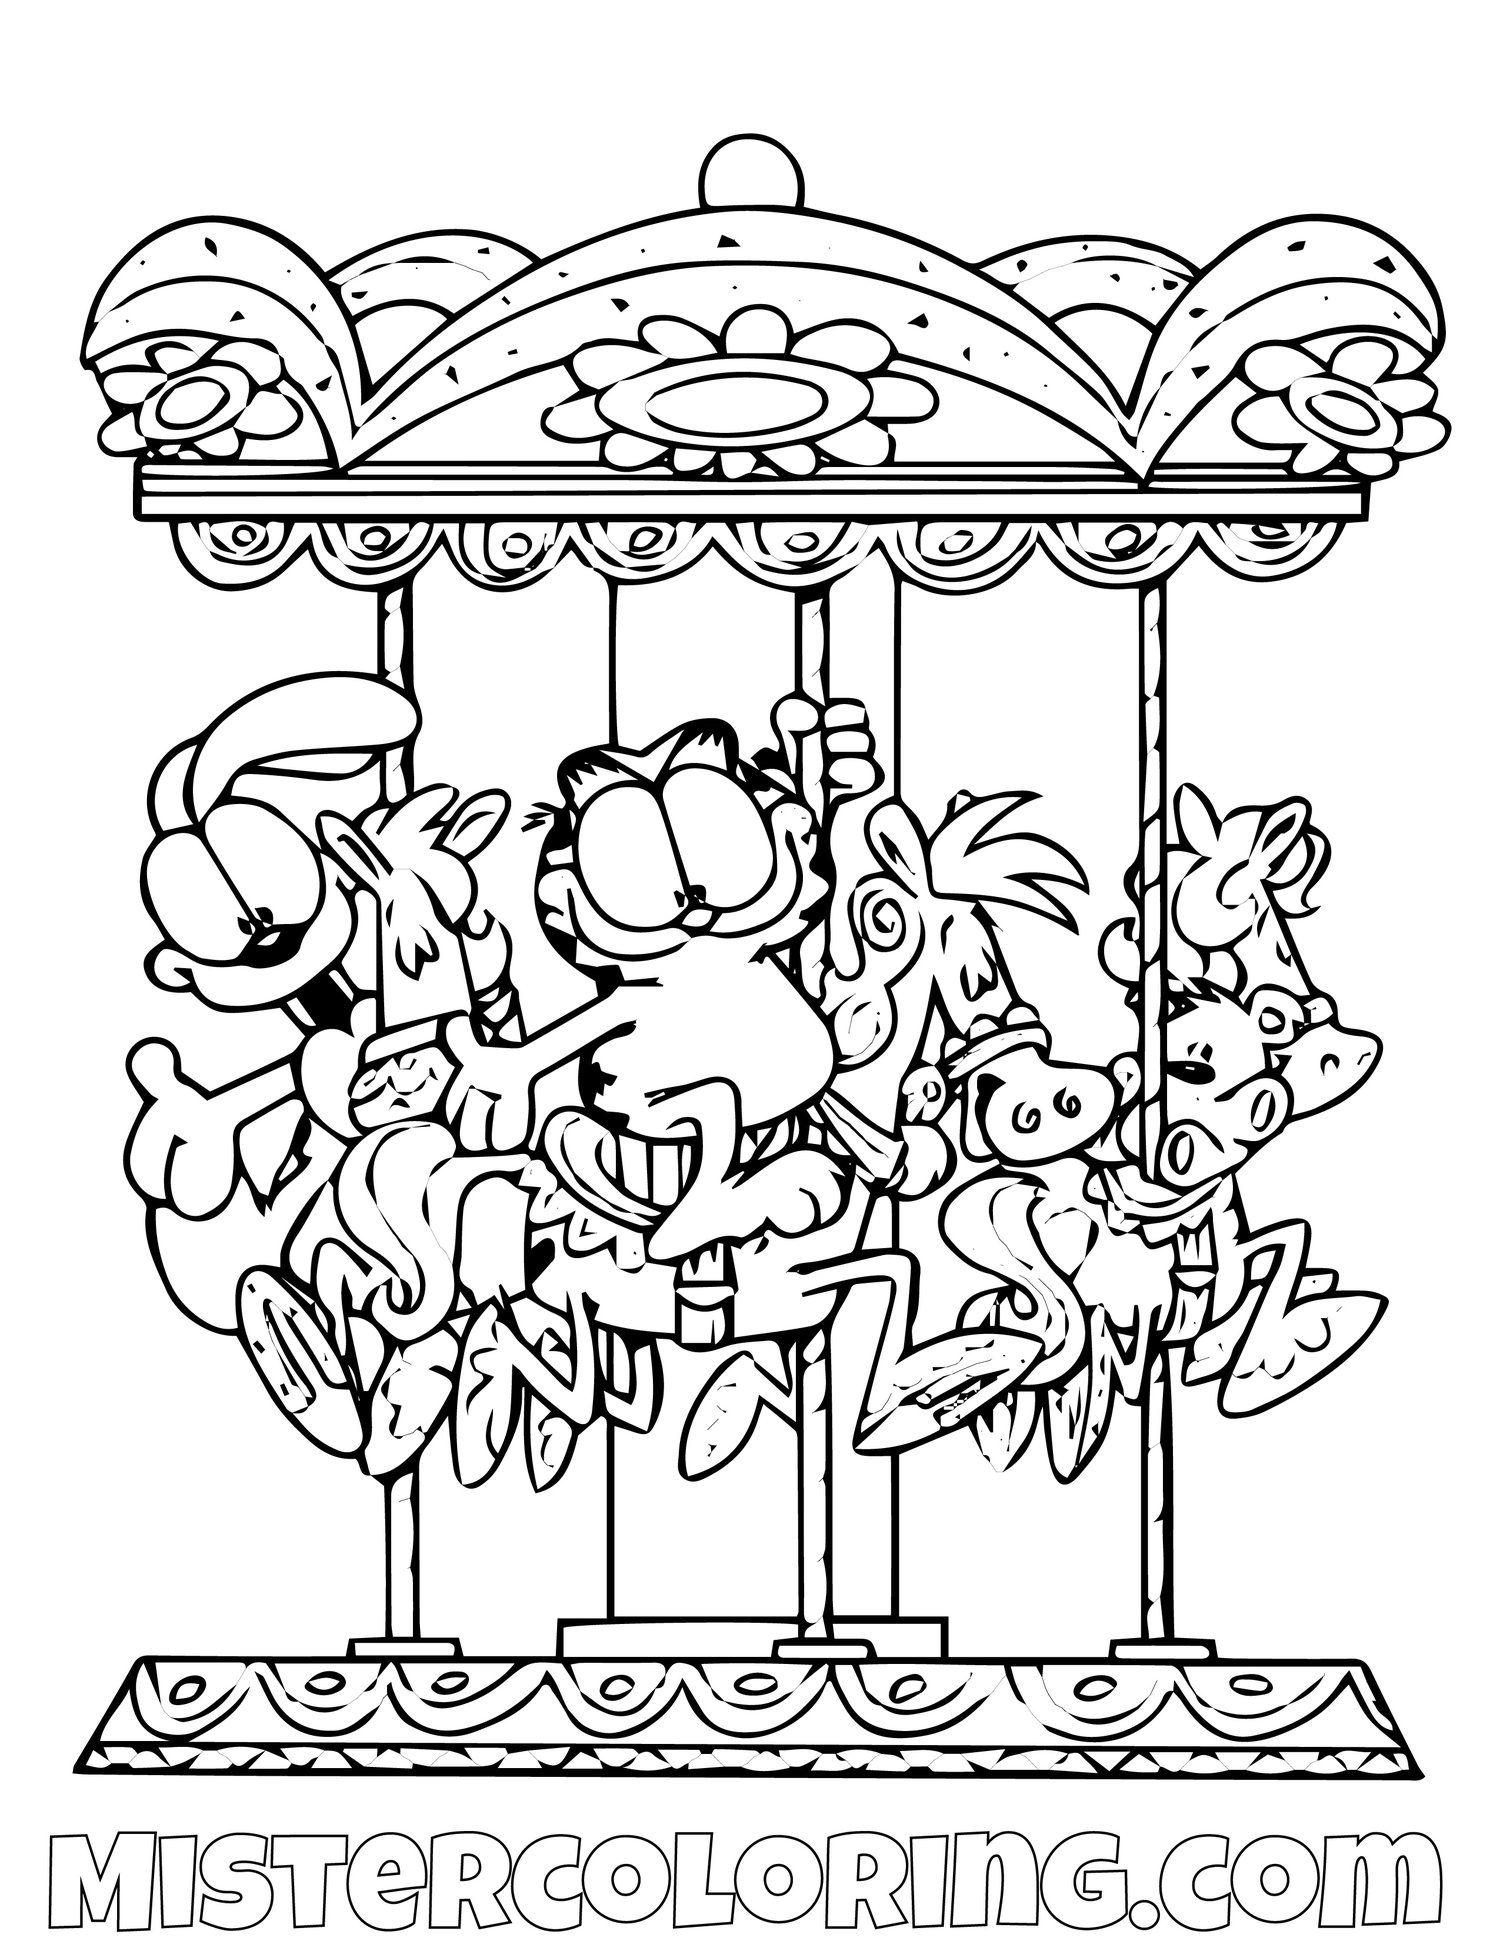 Garfield Coloring Pages For Kids Mister Coloring Kleurplaten Voor Kinderen Kleurplaten Kleurplaten Voor Volwassenen